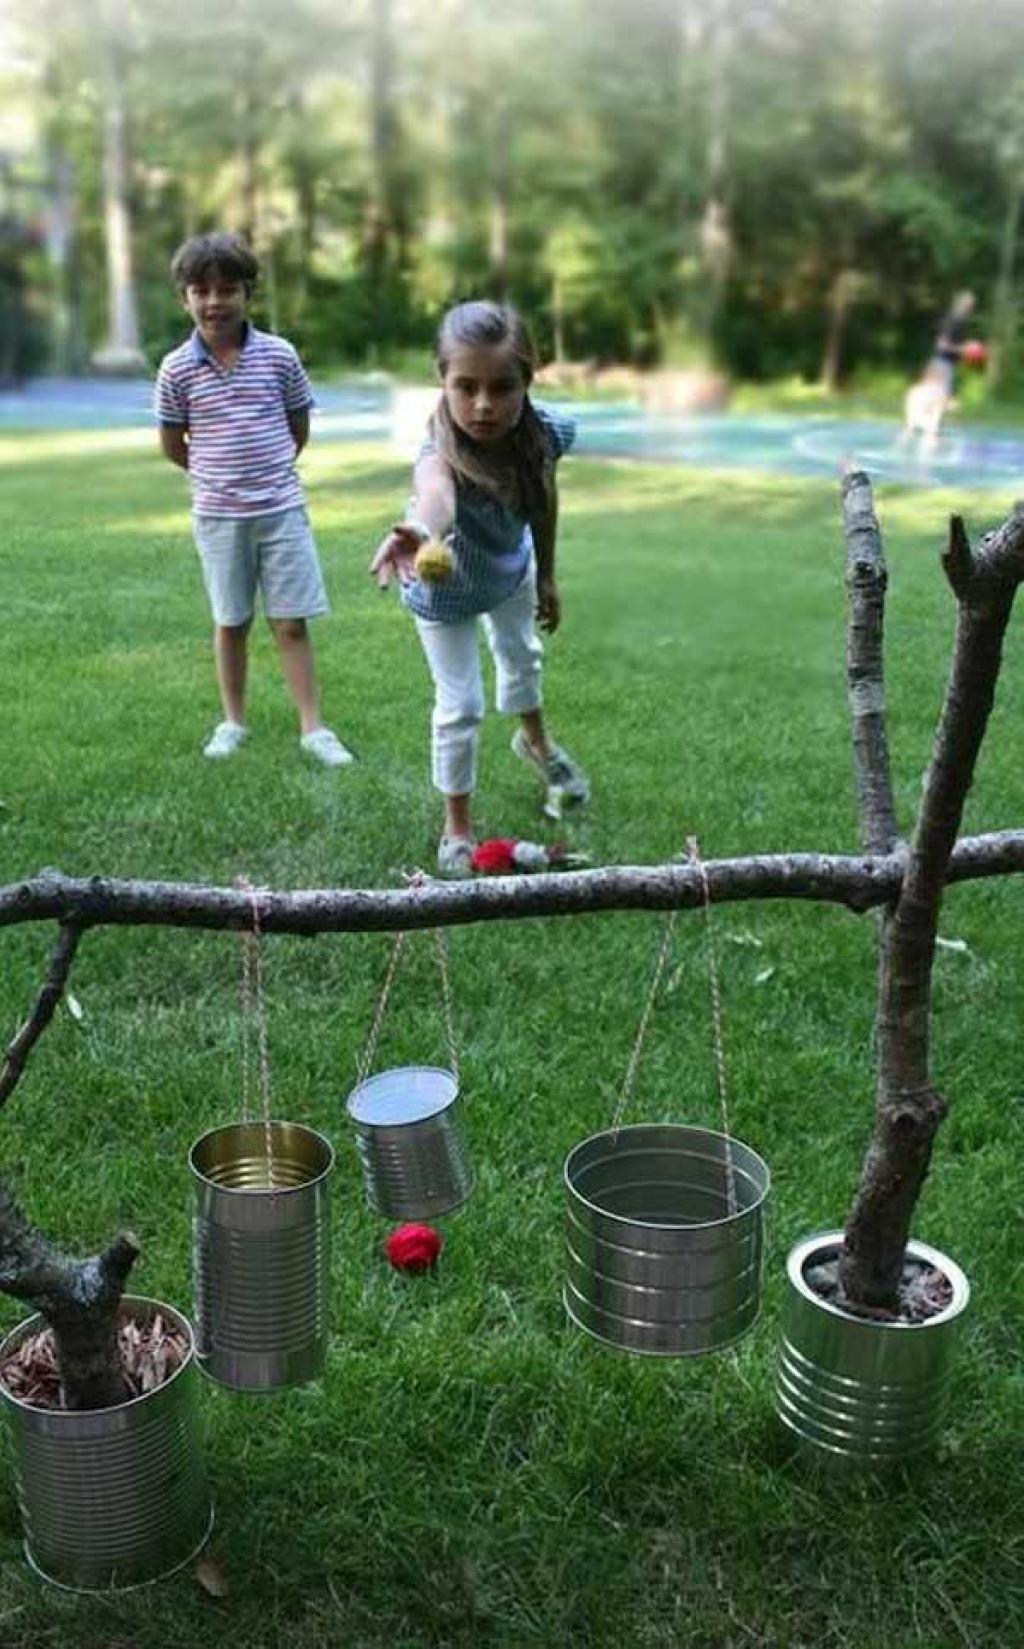 5 Super Jeux A Faire Avec Les Enfants En Camping Vive Les Vacances Bricolage Amusant Jeux Enfant Exterieur Idees D Activites Pour Les Enfants